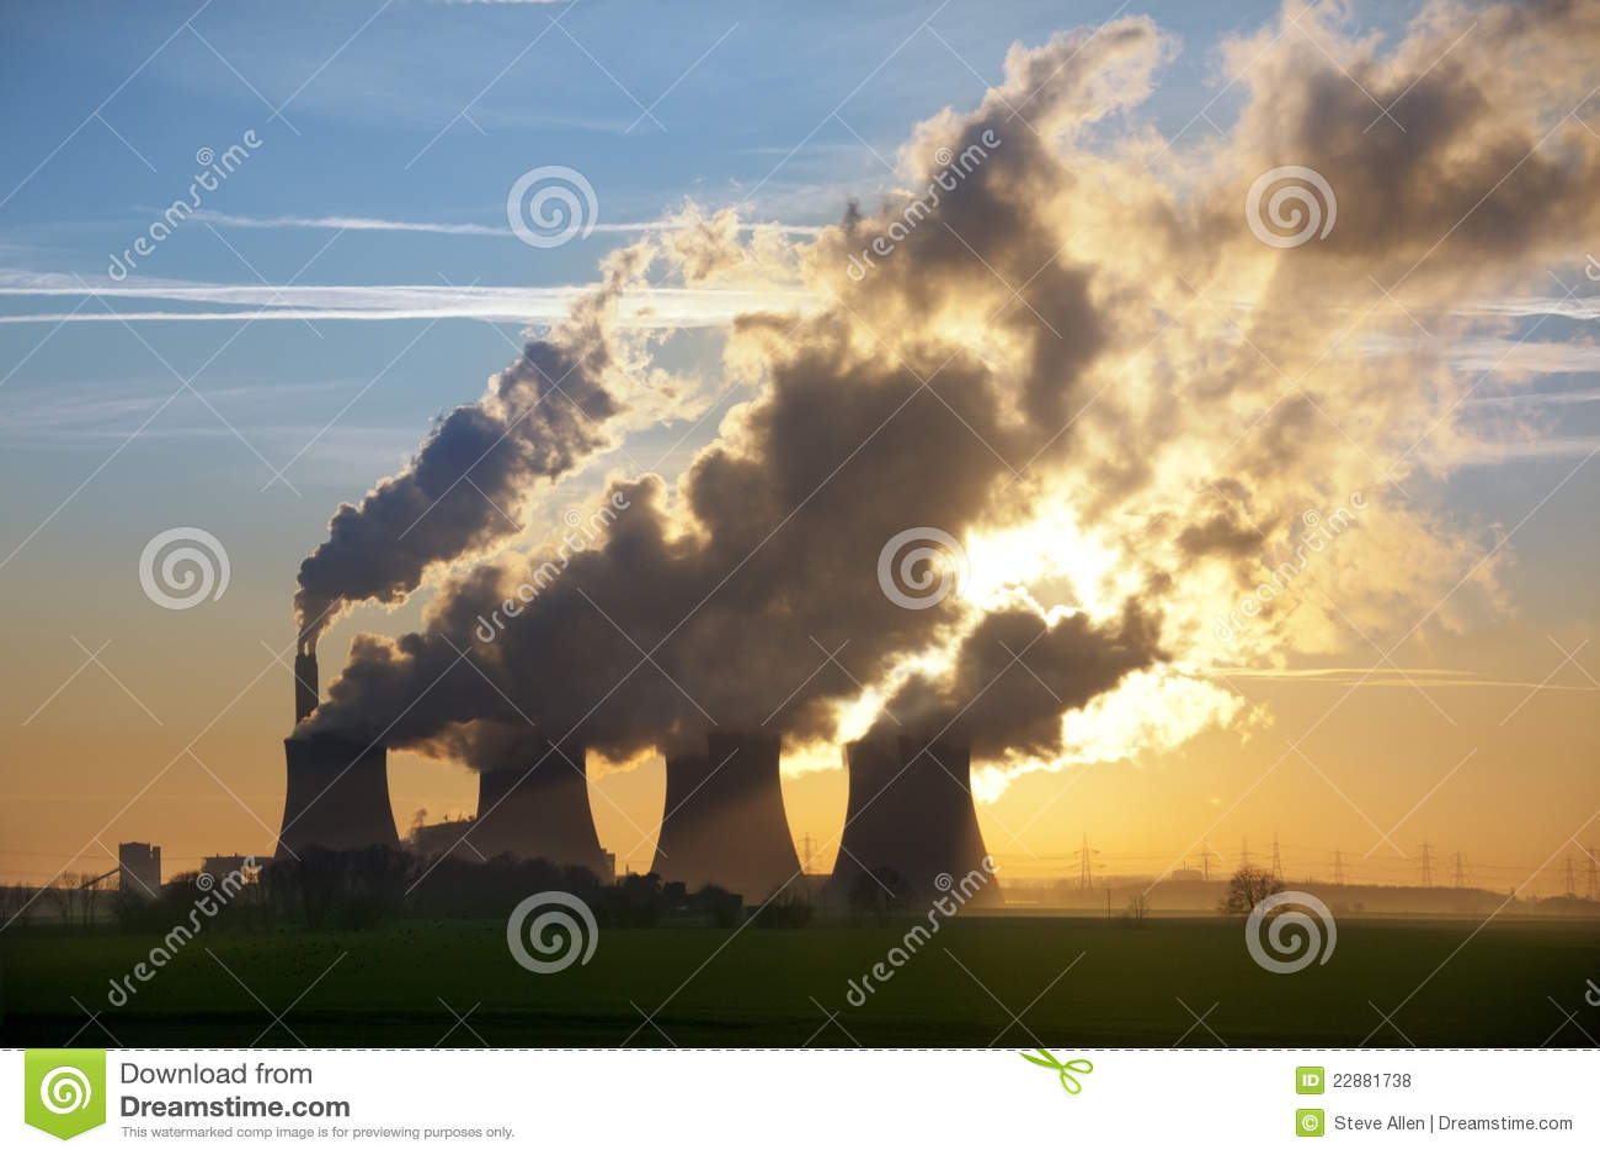 Gases de efecto invernadero - central eléctrica - Reino Unido